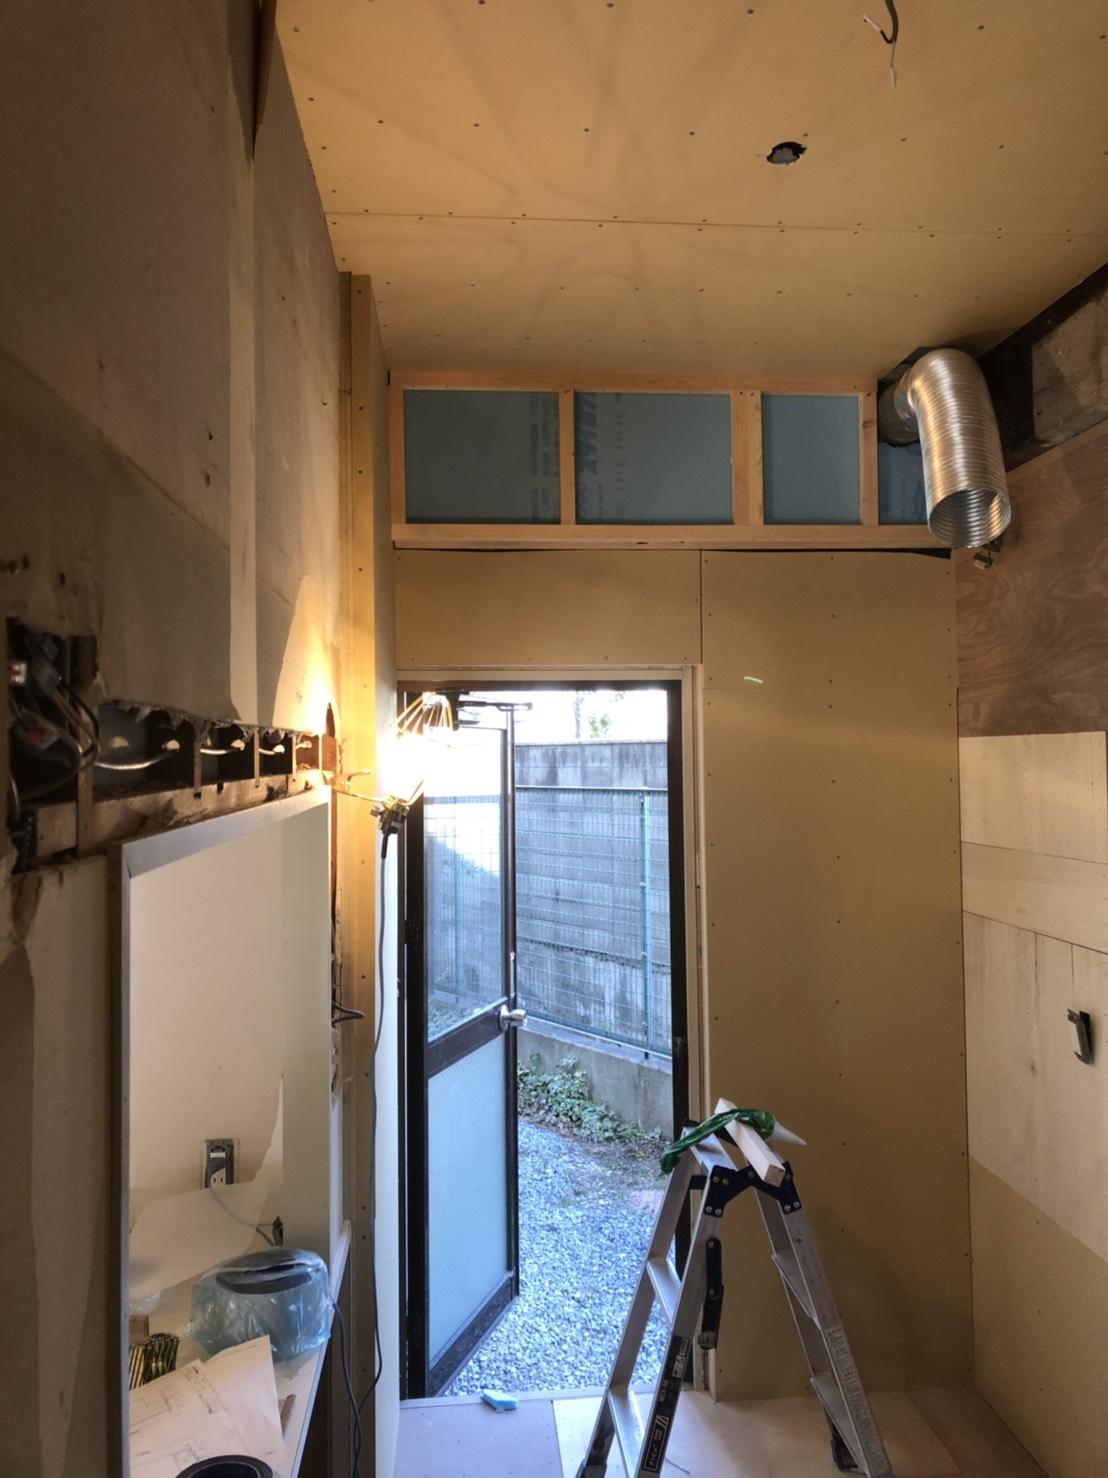 八尾市マンションリフォーム※床下配管工事※キッチン壁補修工事